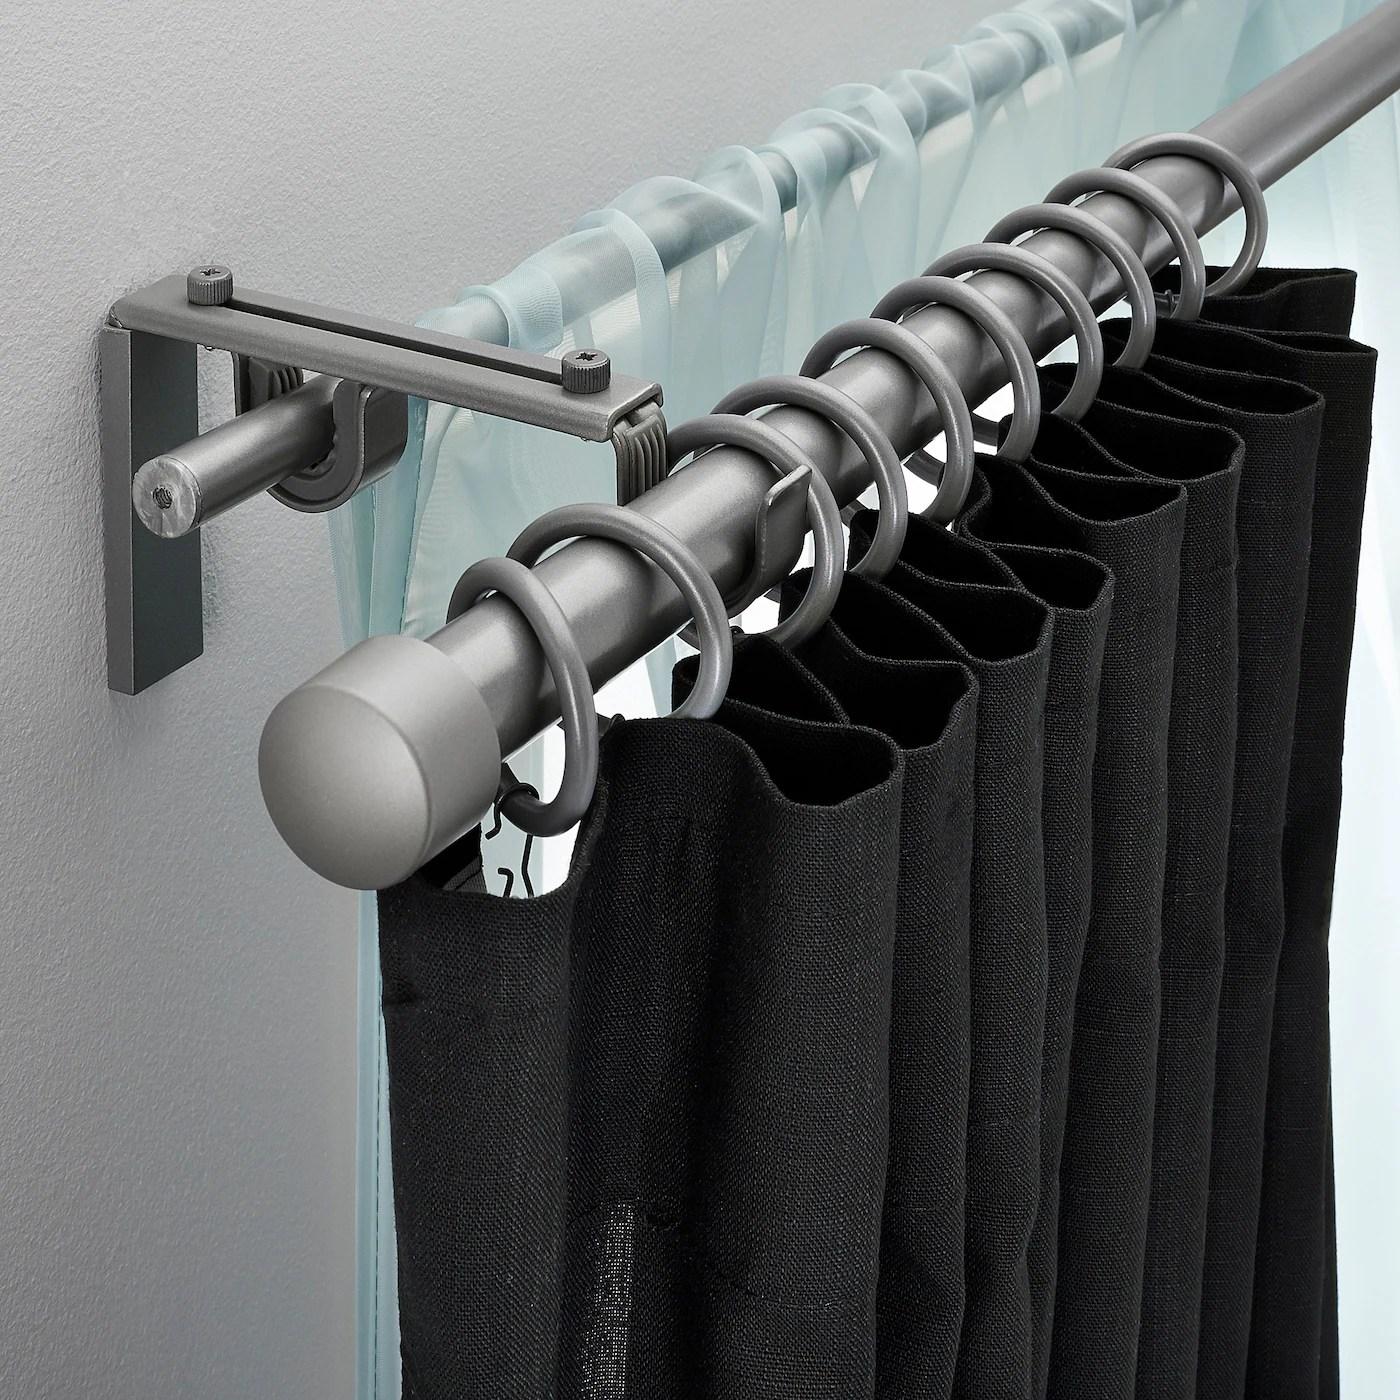 racka hugad combi tringle a rideaux double couleur argent 210 385 cm